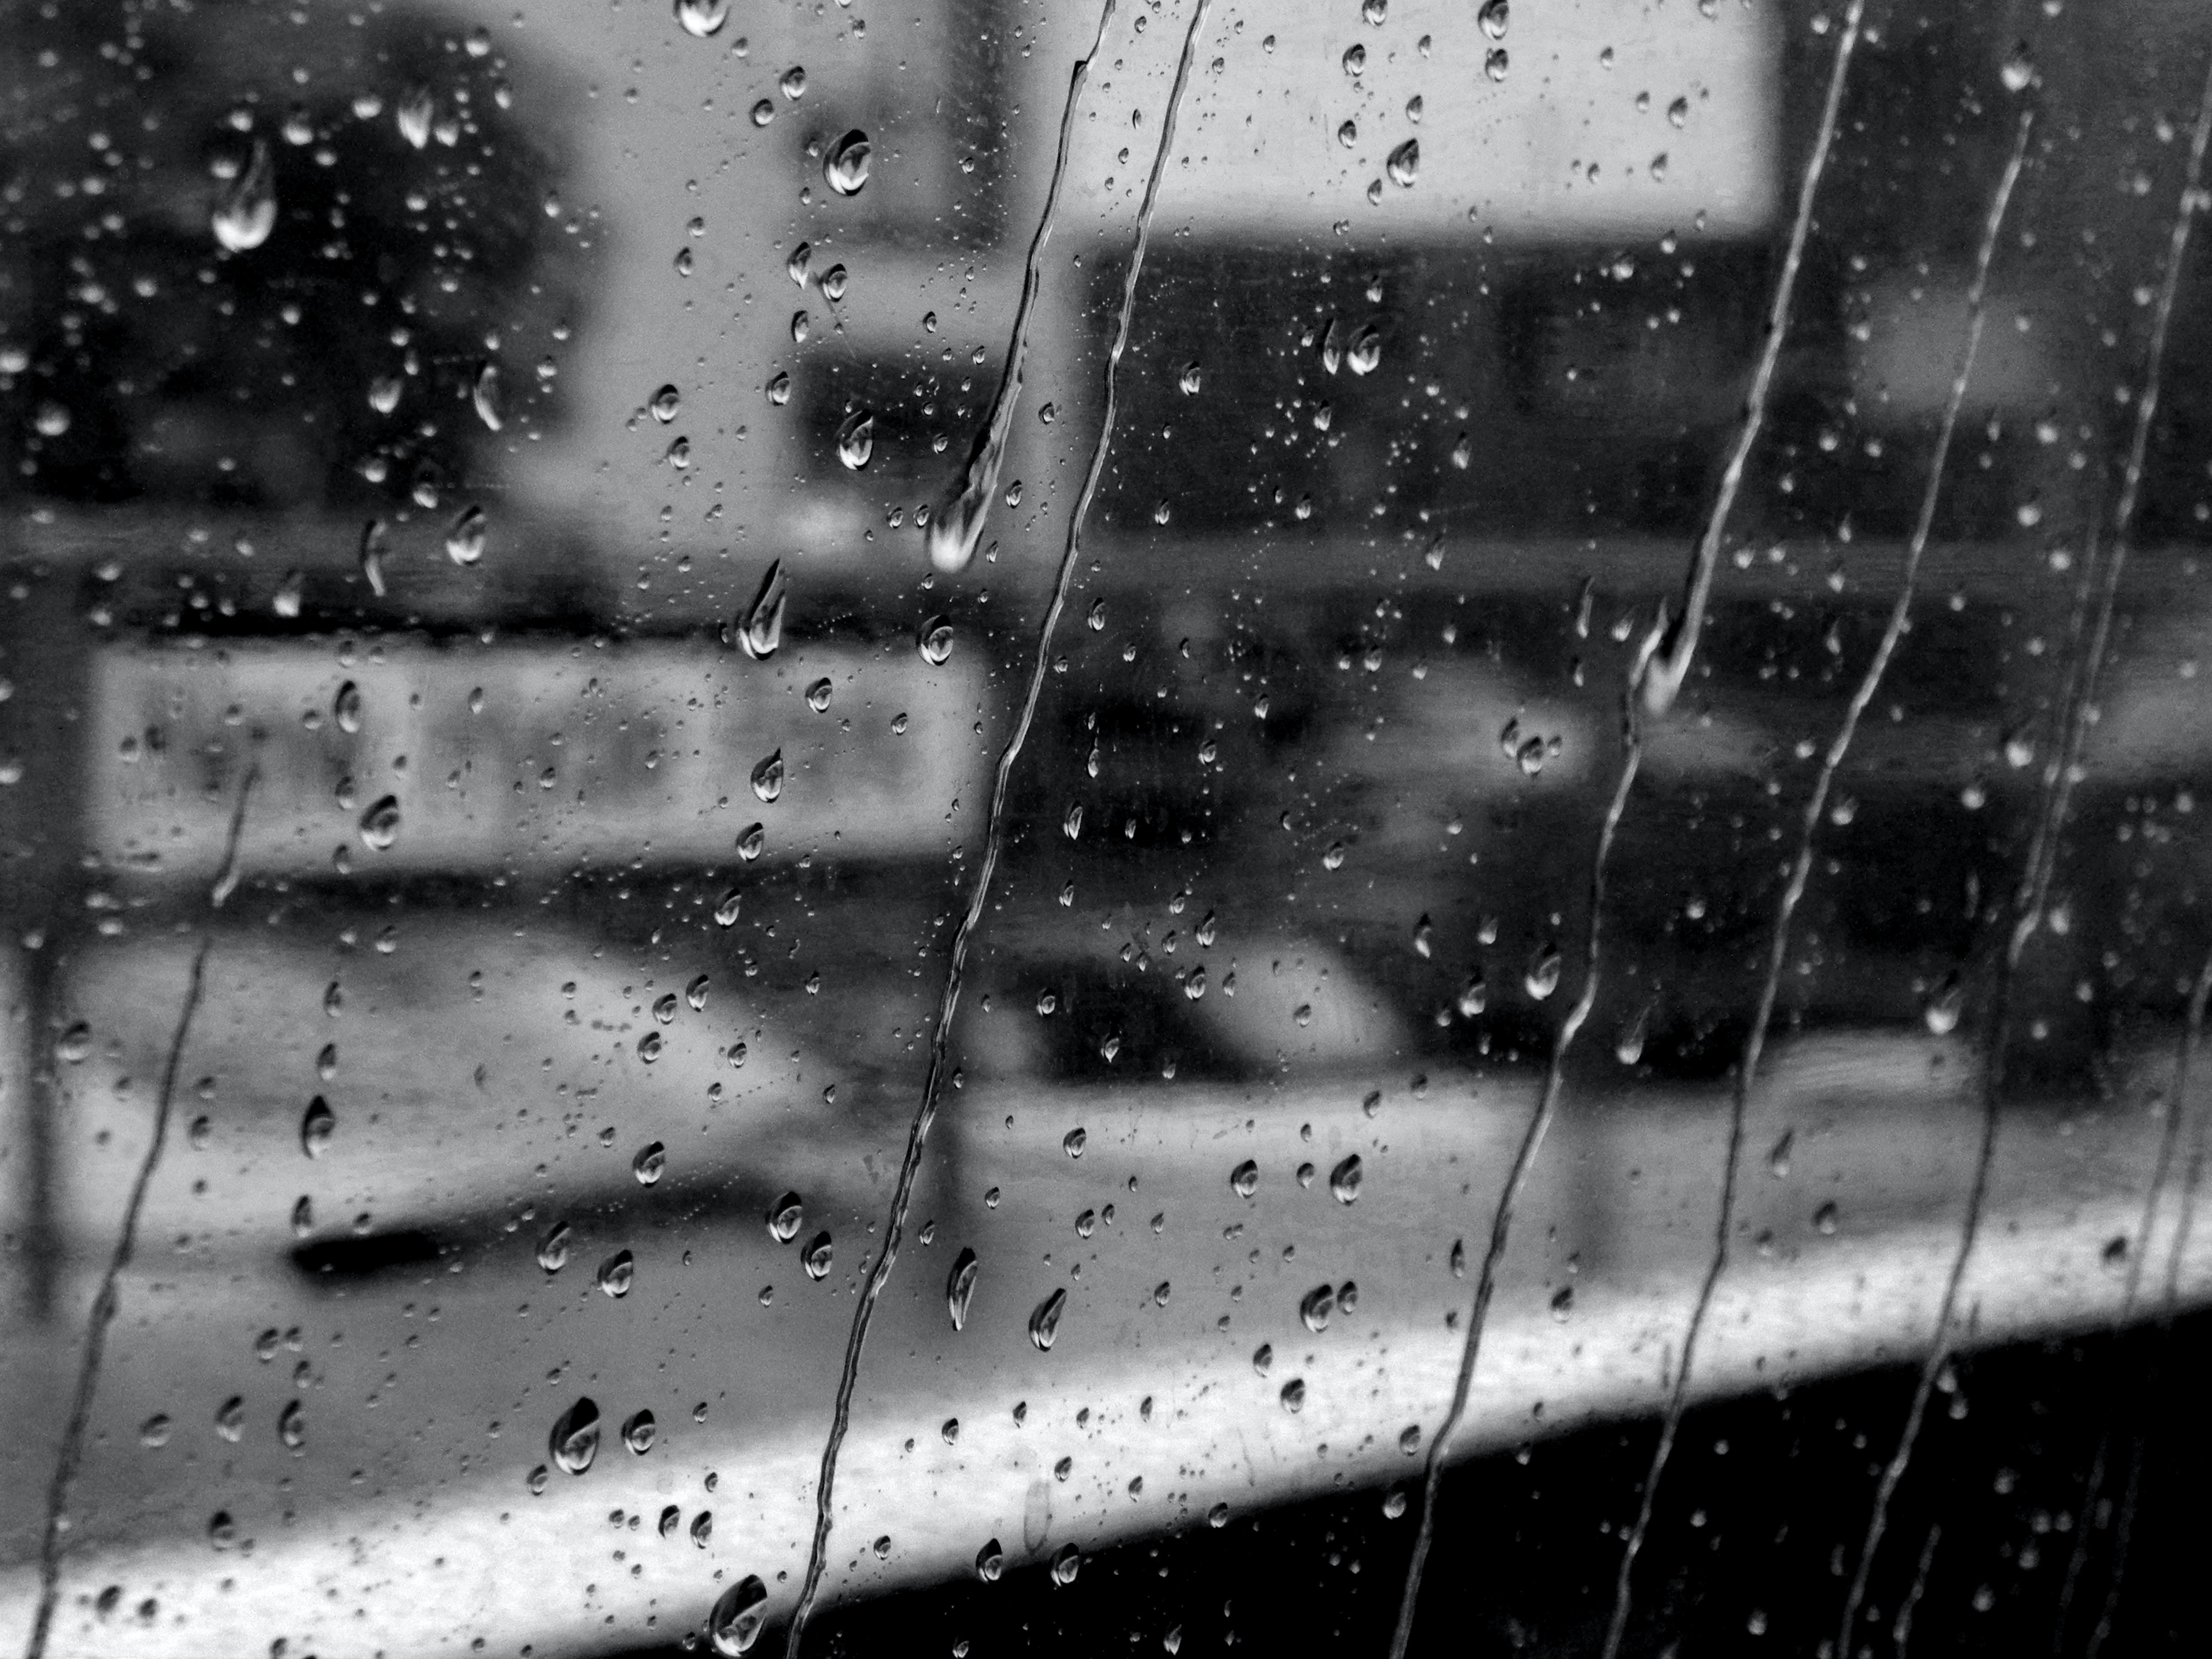 water dew on car window